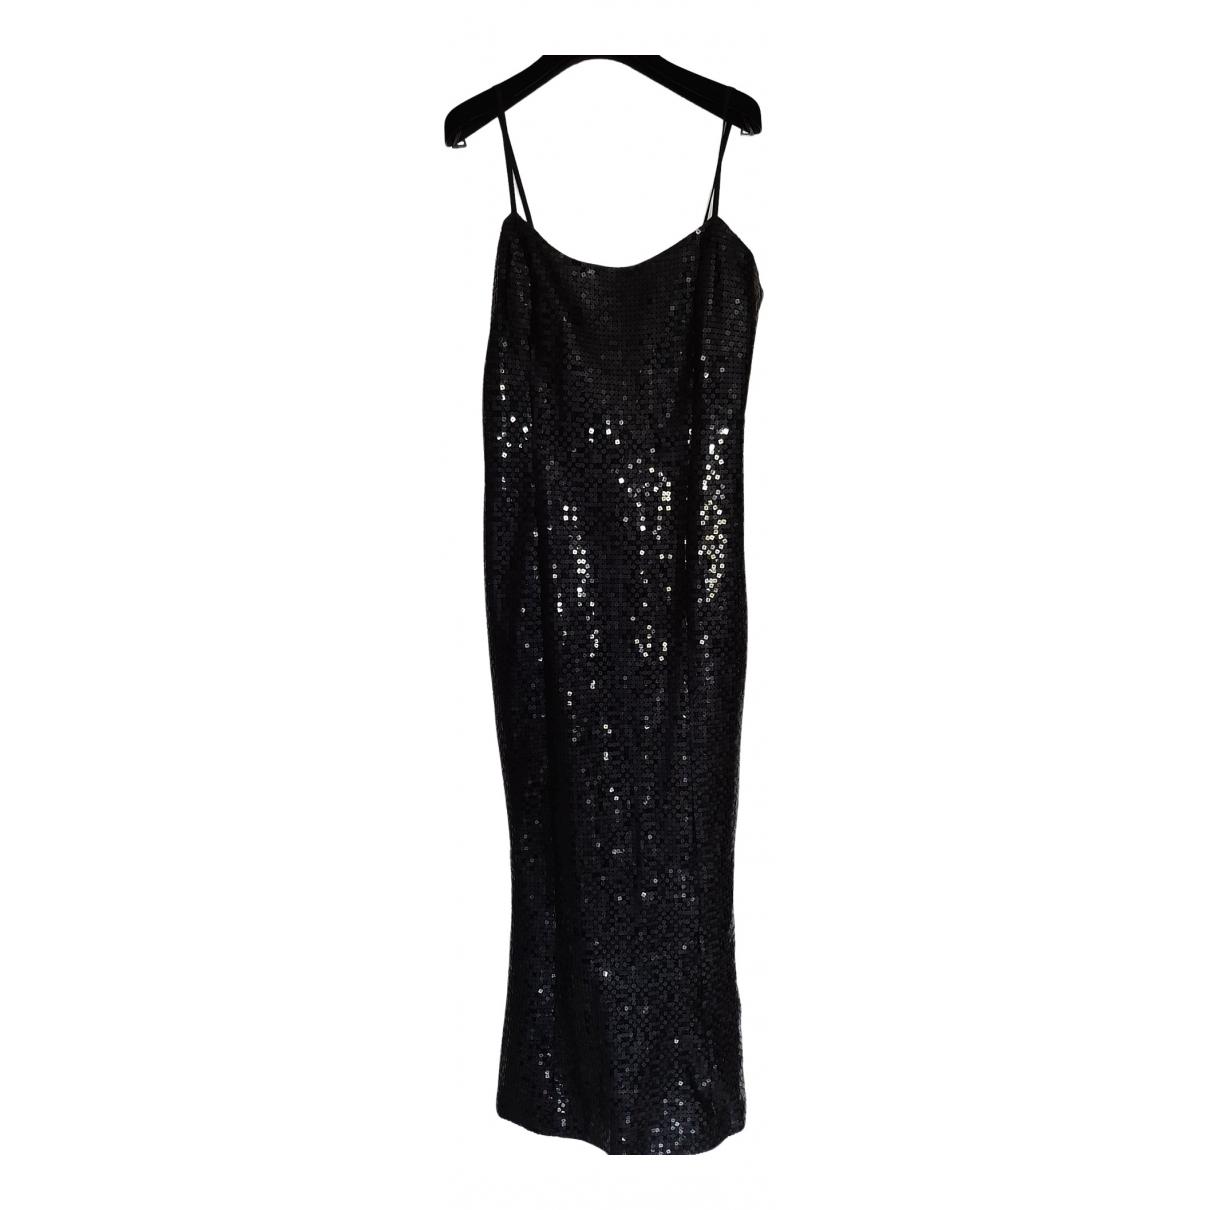 Chanel \N Black Glitter dress for Women 40 FR